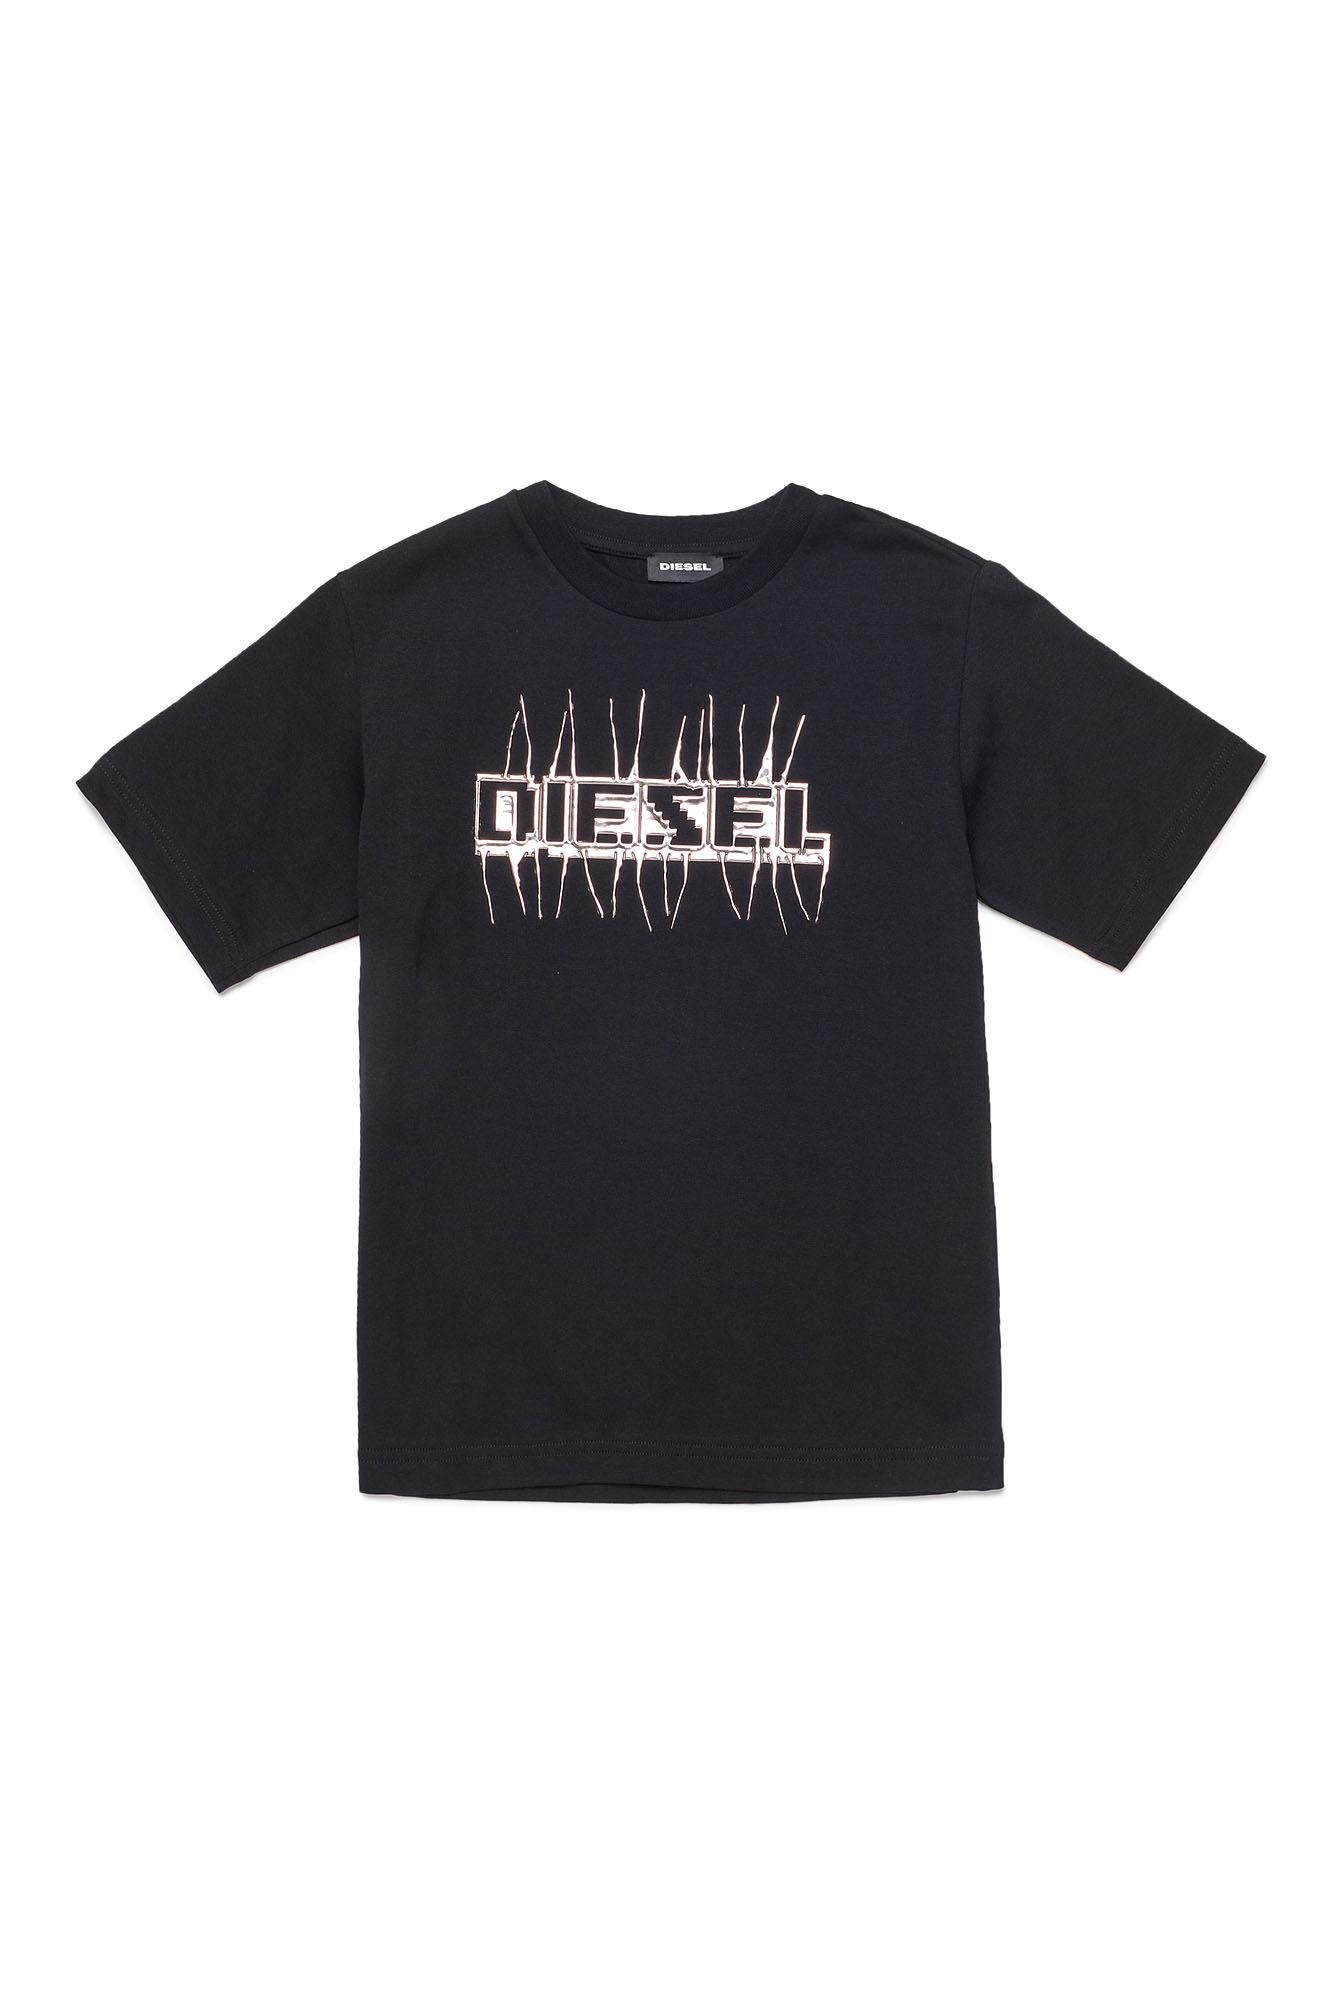 Tjustj11 Over Maglietta - Diesel Kid